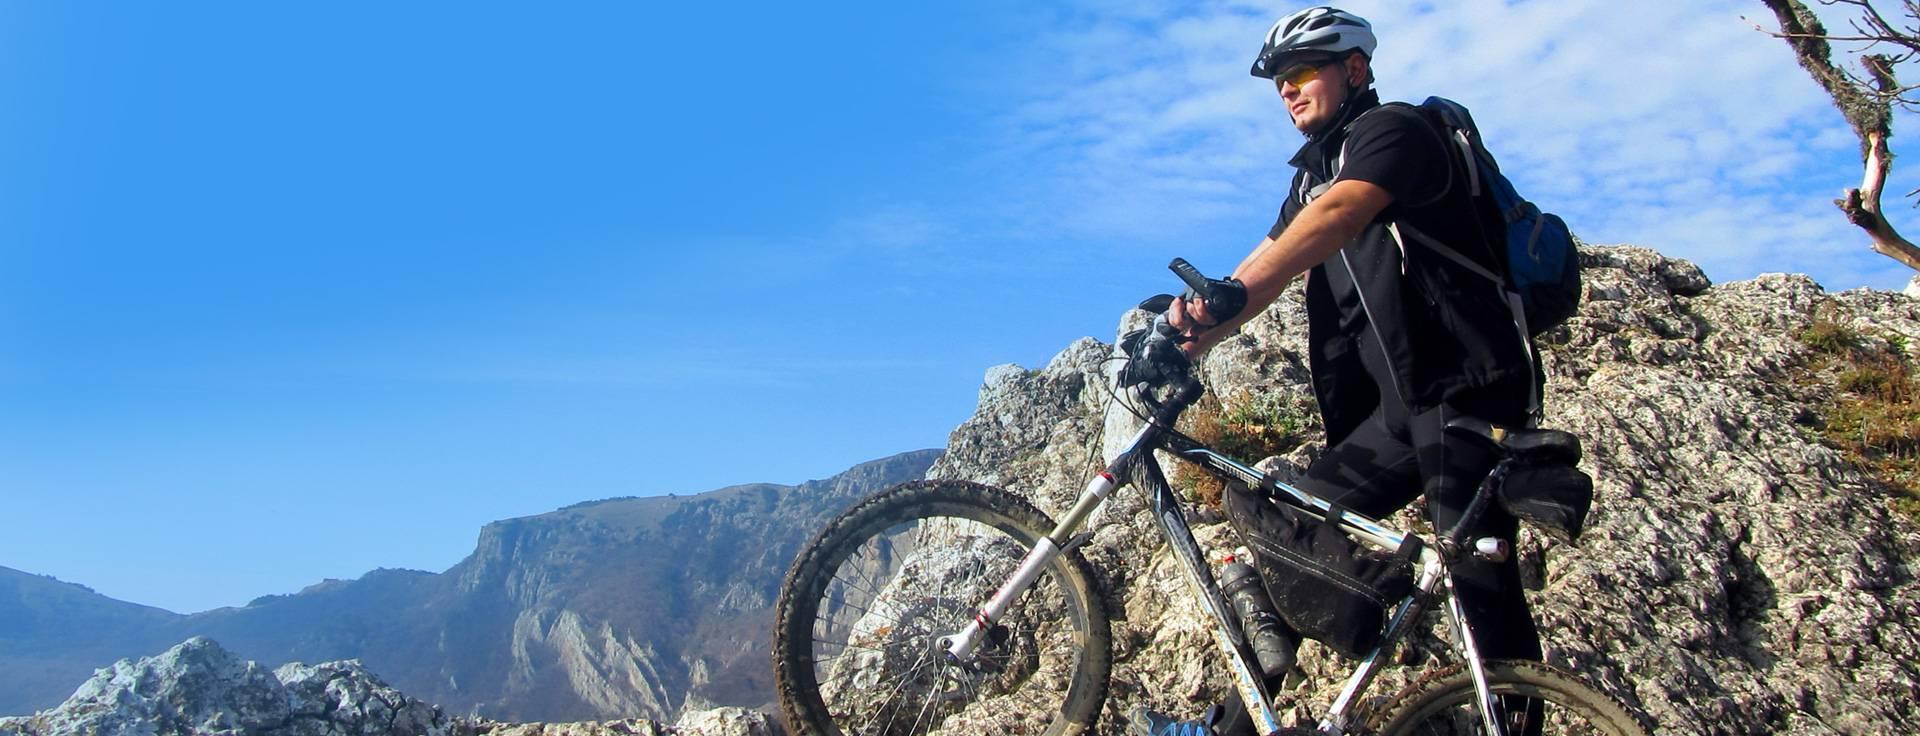 Αξεσουάρ Ποδηλάτων - Bikemall